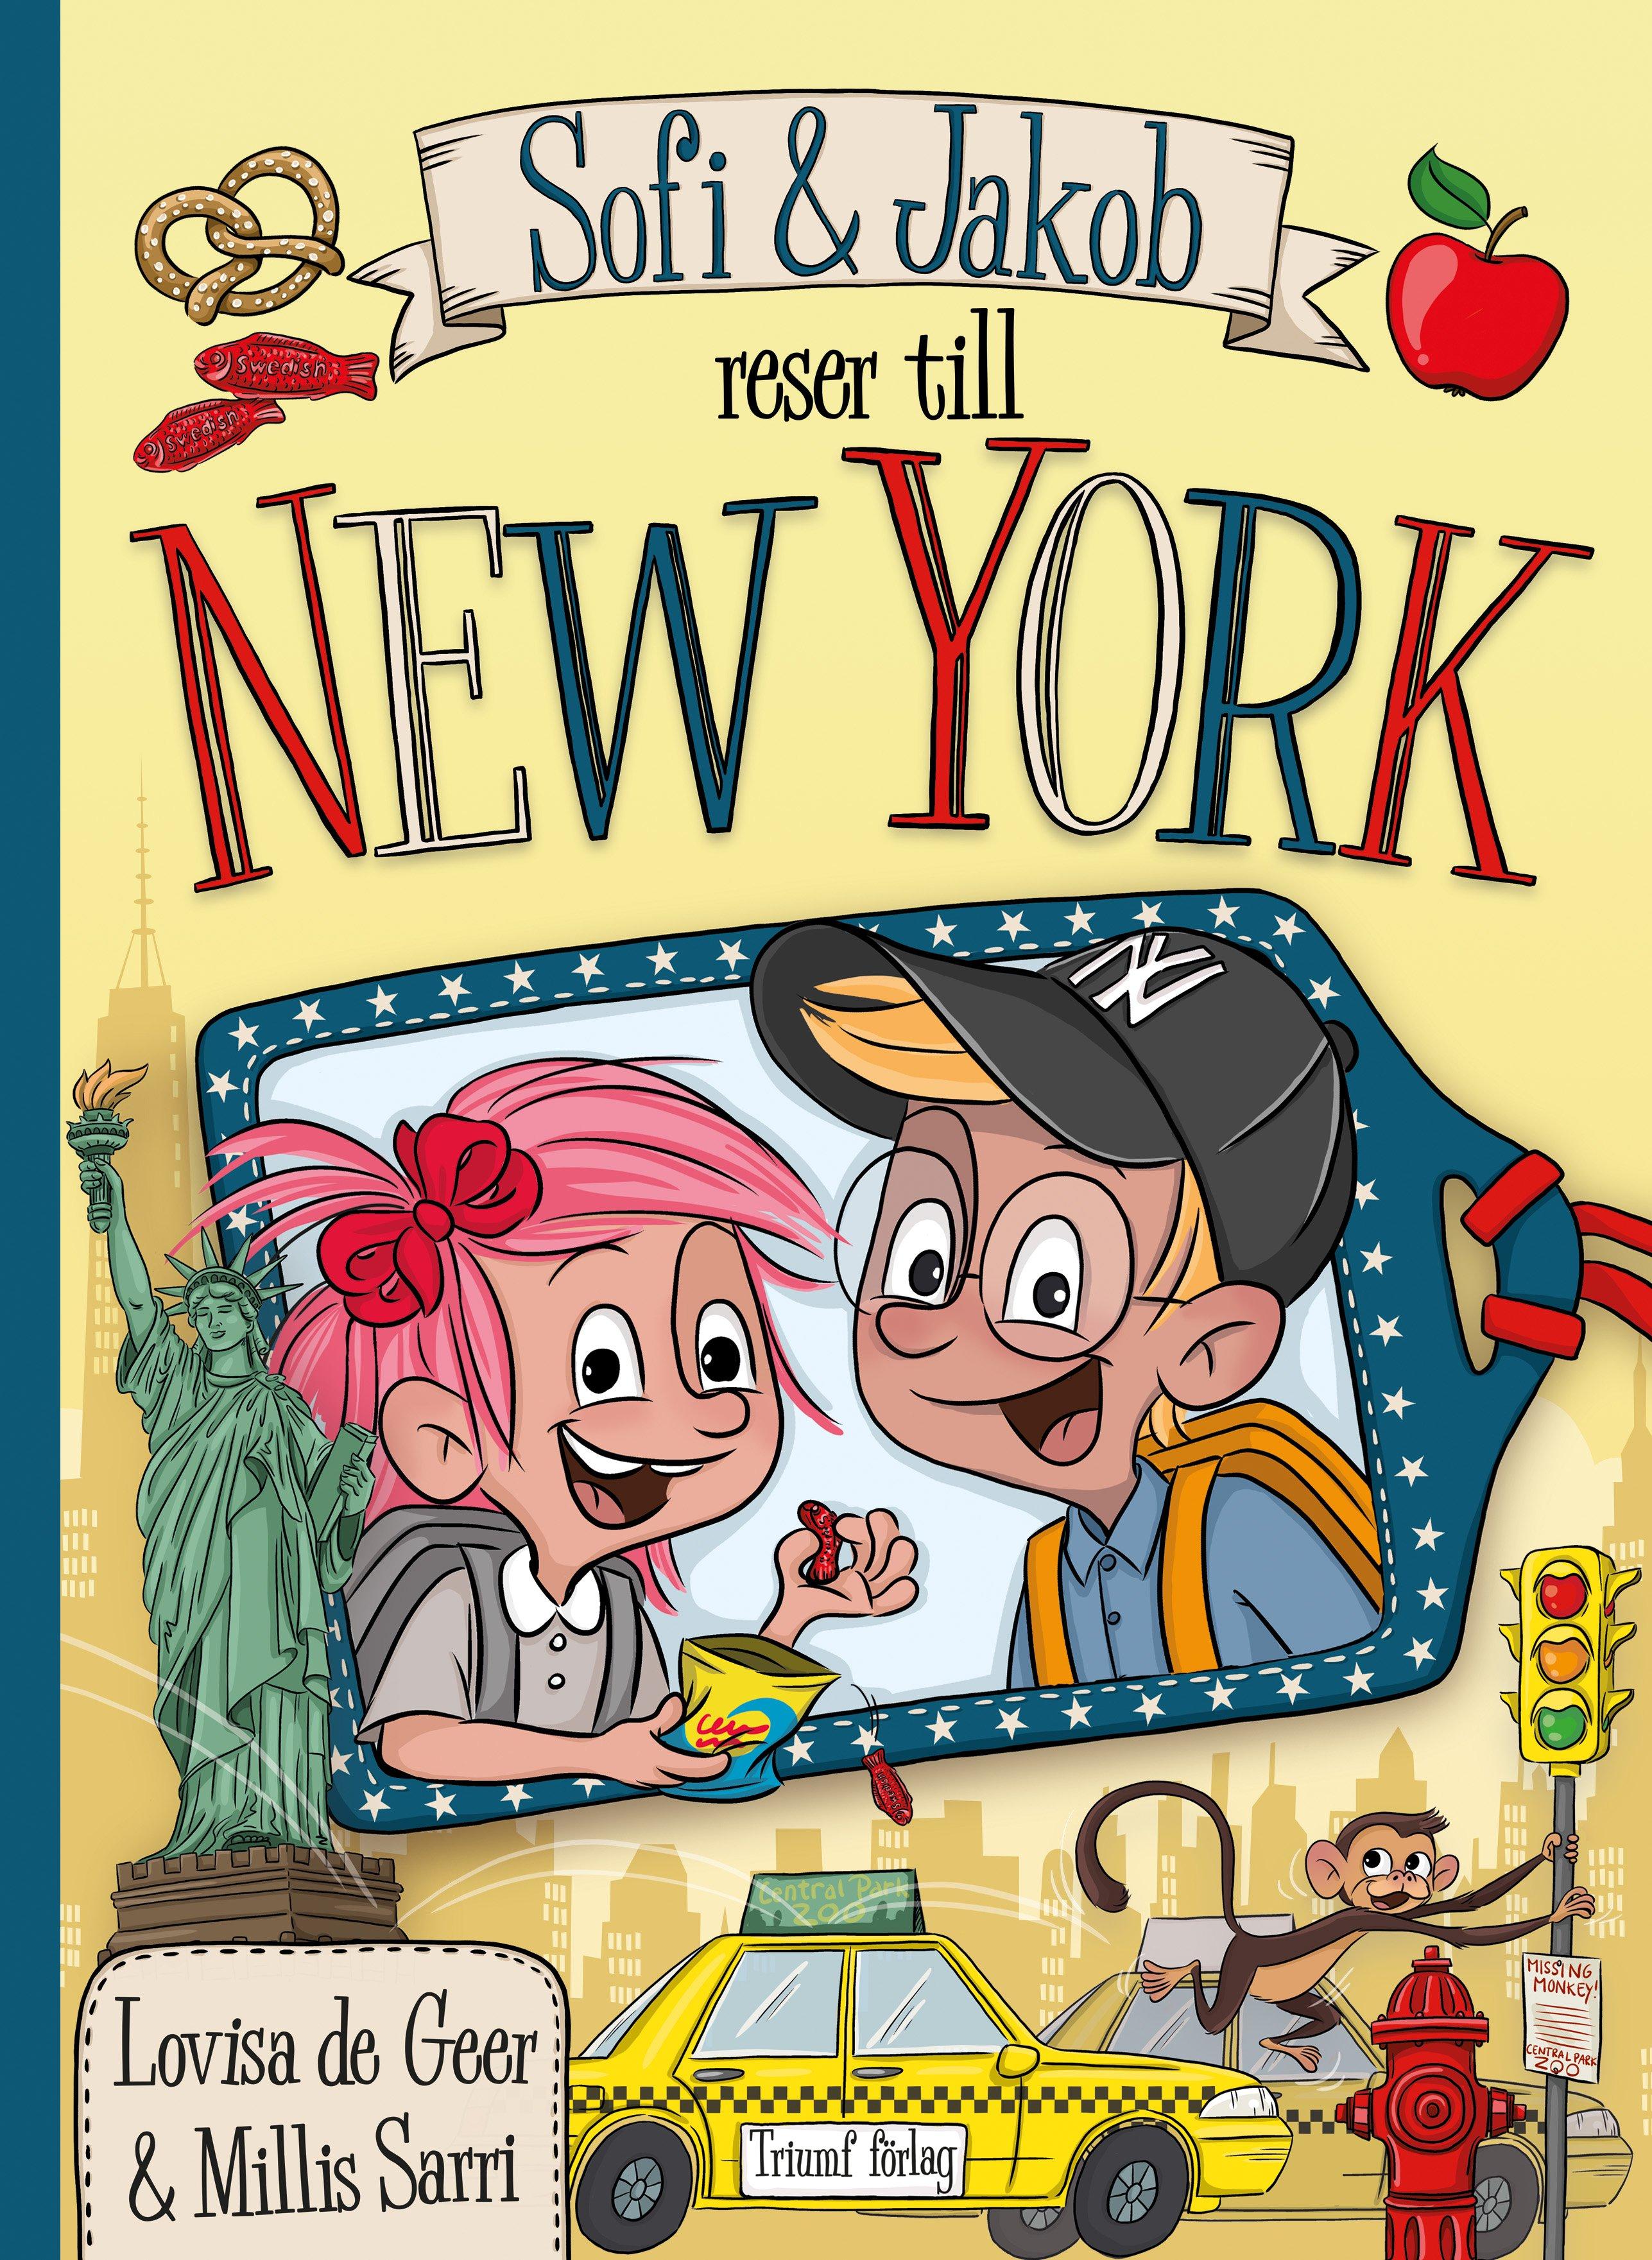 Sofi & Jakob reser till New York av Lovisa de Geer & Millis Sarri